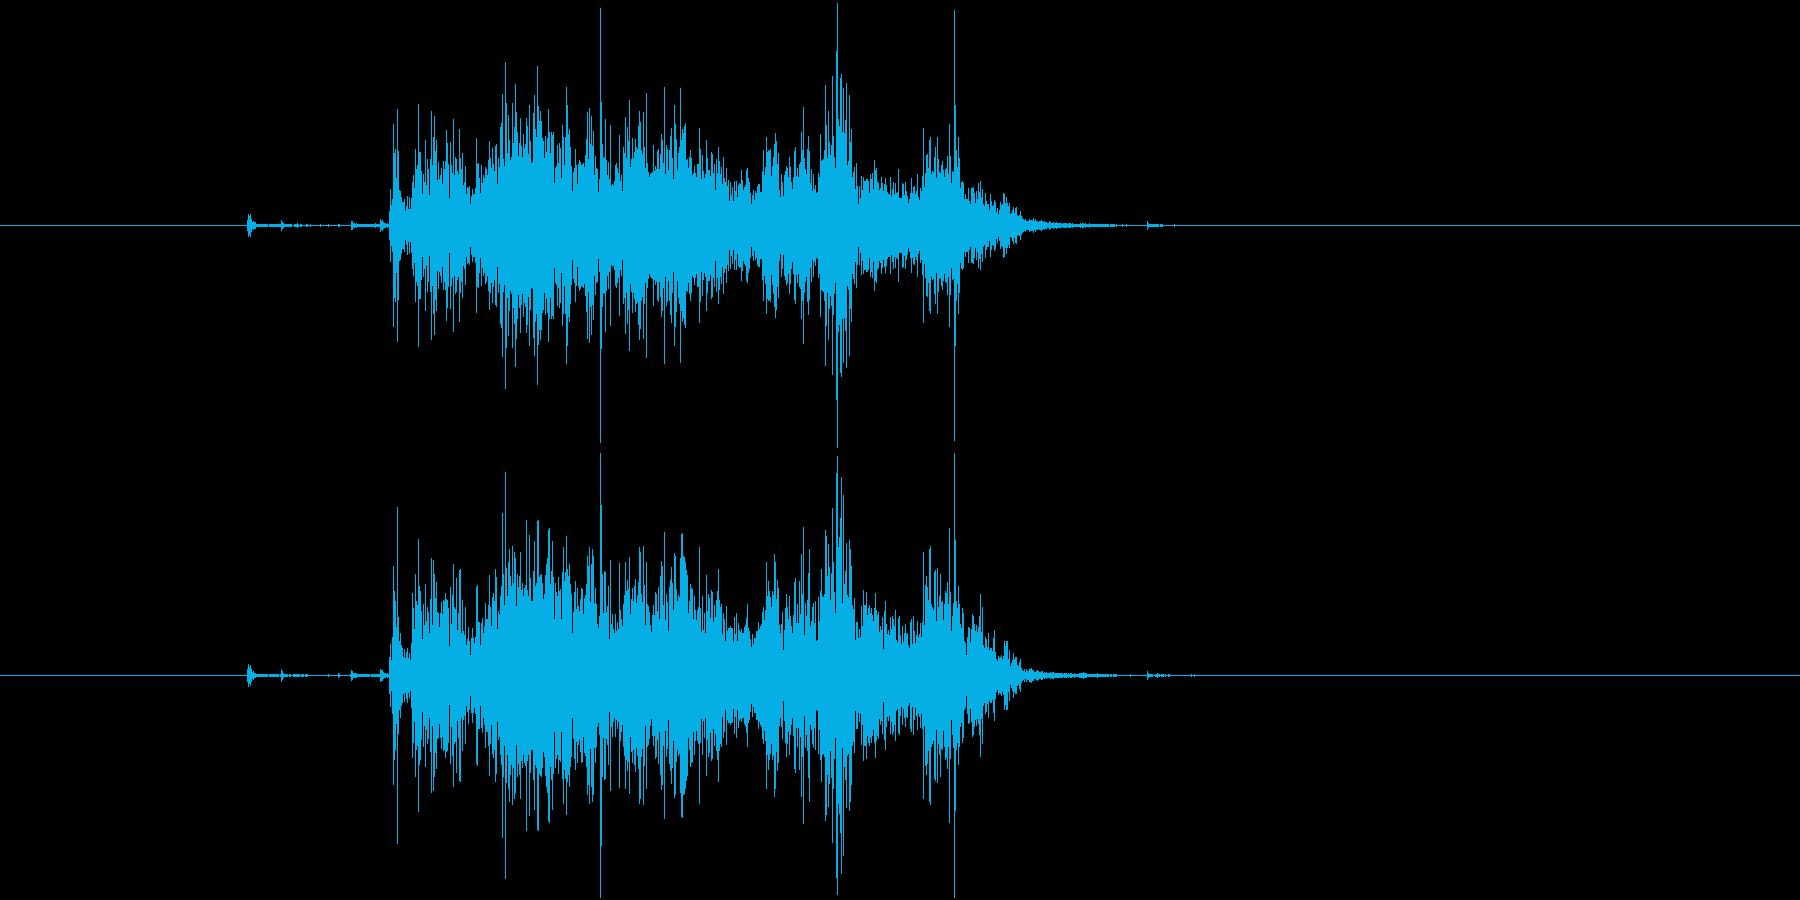 【生録音】Paper 紙を破く音の再生済みの波形